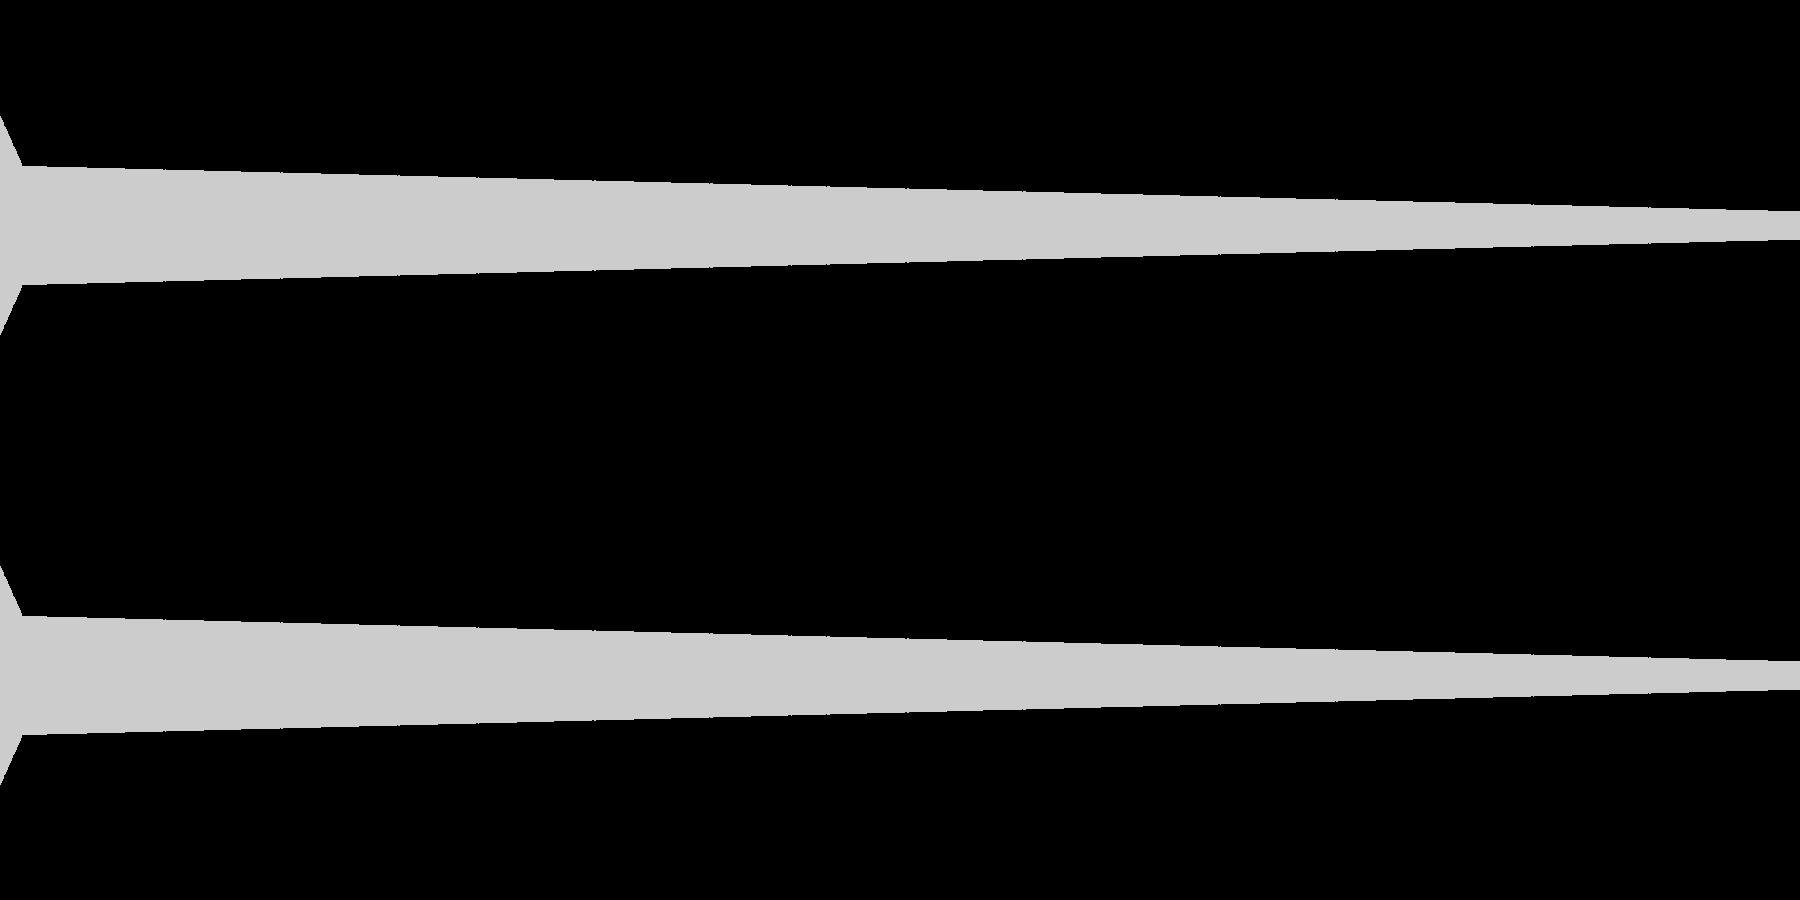 ピッ(決定/ビープ音/ピコピコ/クリックの未再生の波形